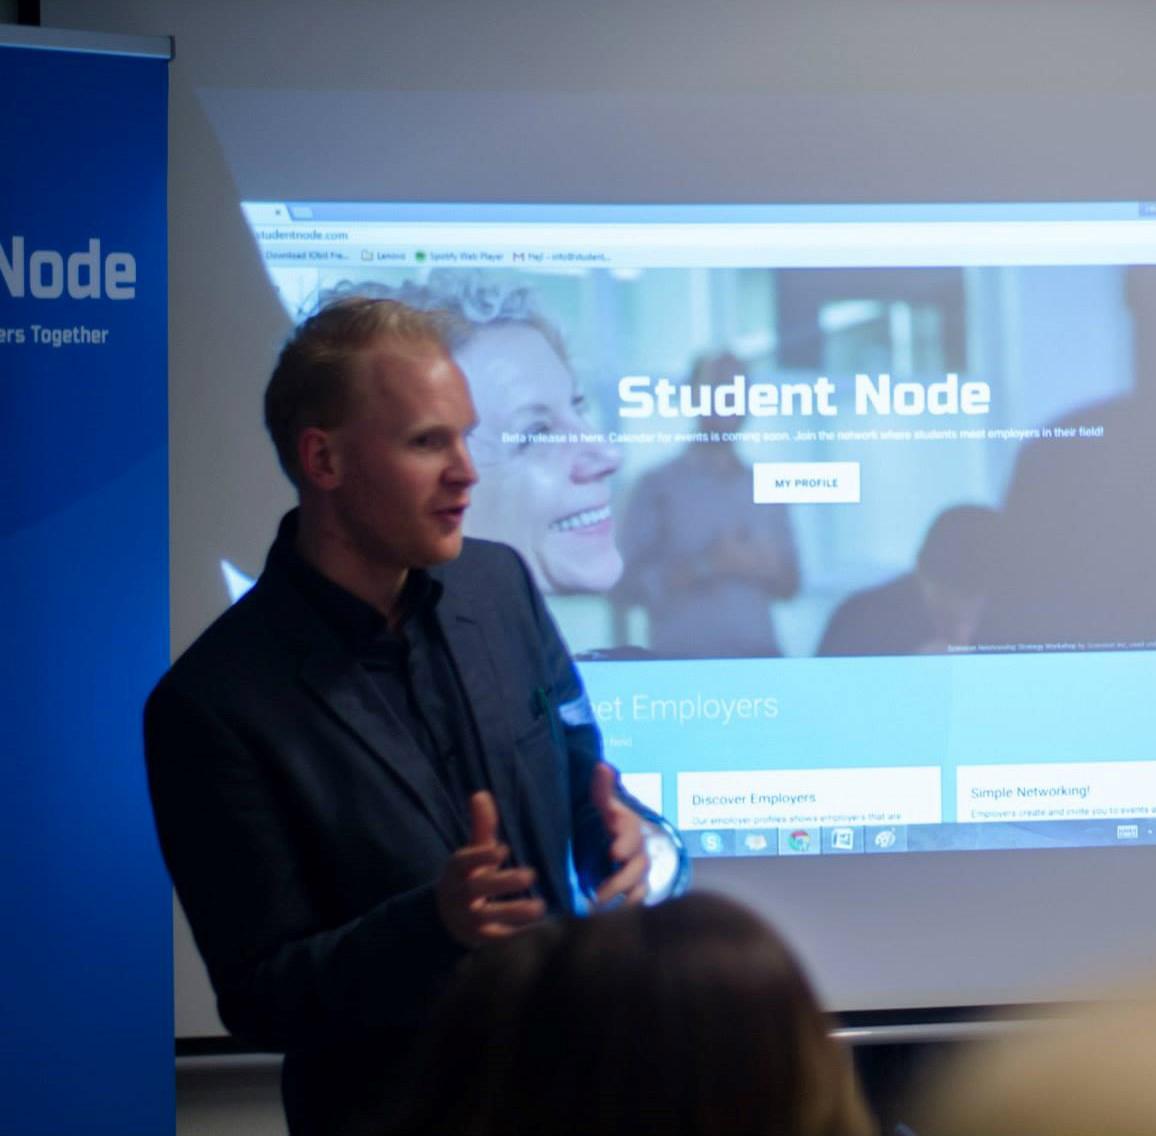 Erik Sturesson gör en presentation om Student Node